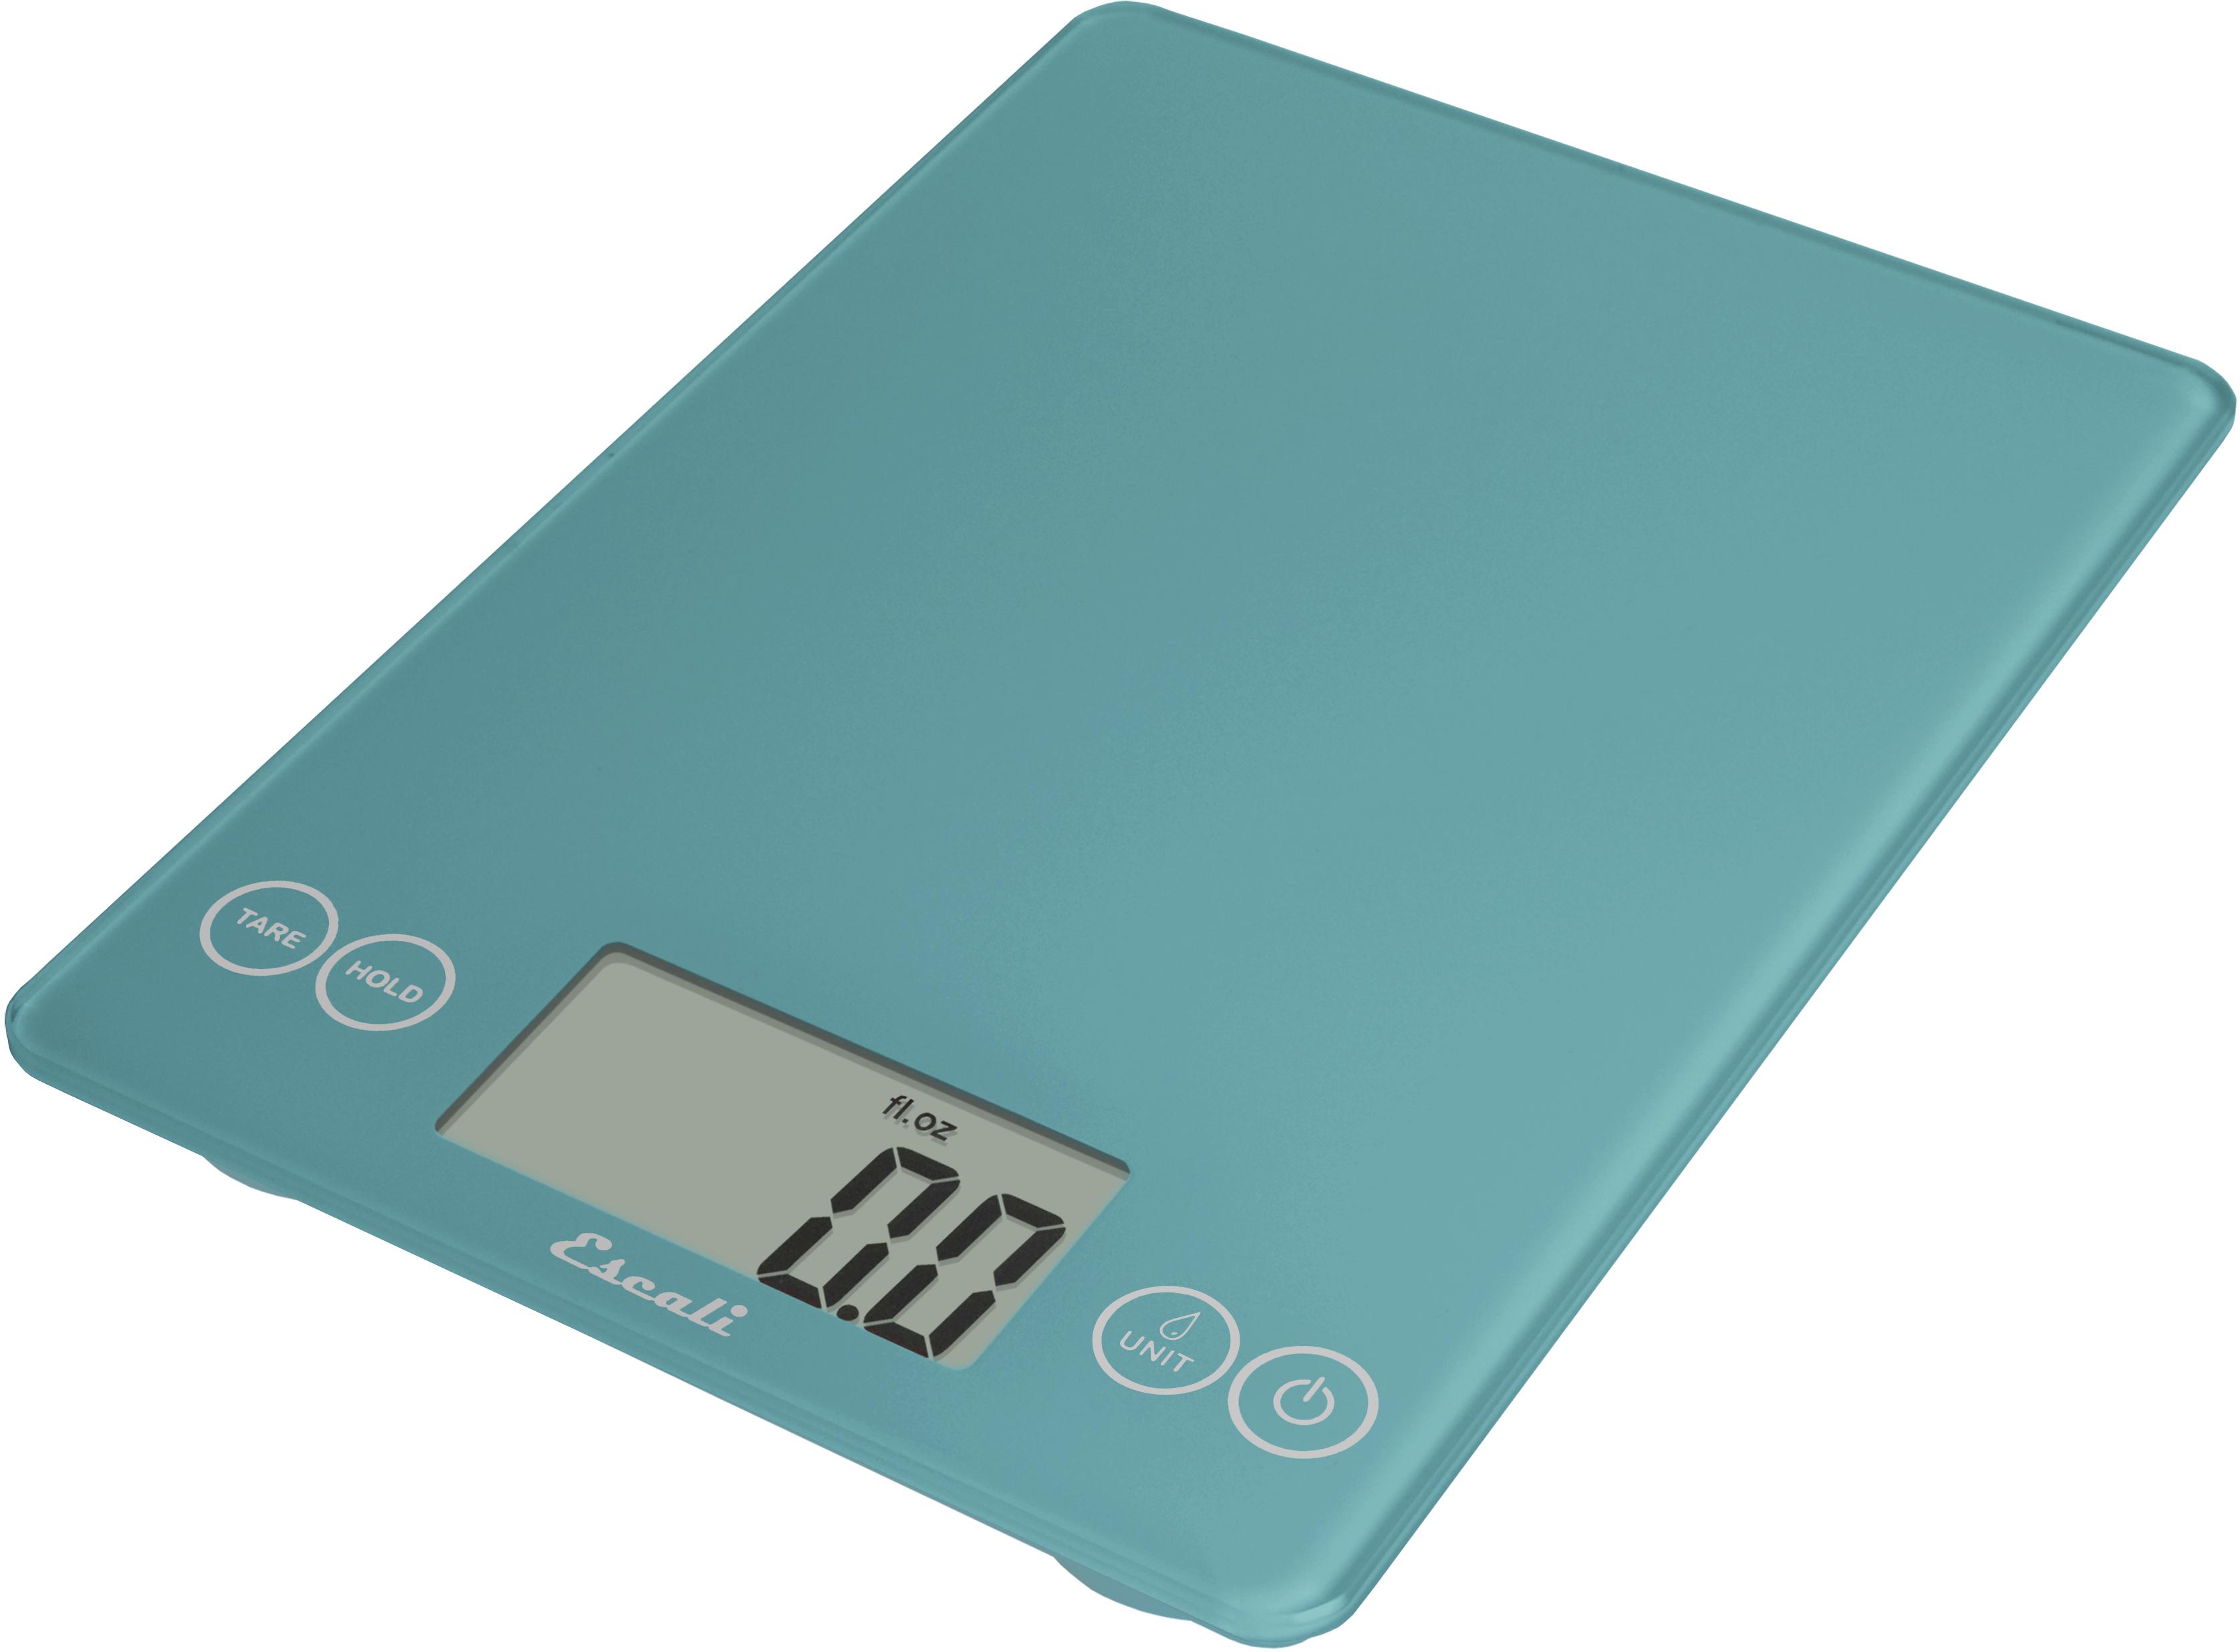 Escali Arti Peacock Blue Glass Digital Kitchen Scale, 15 Pound